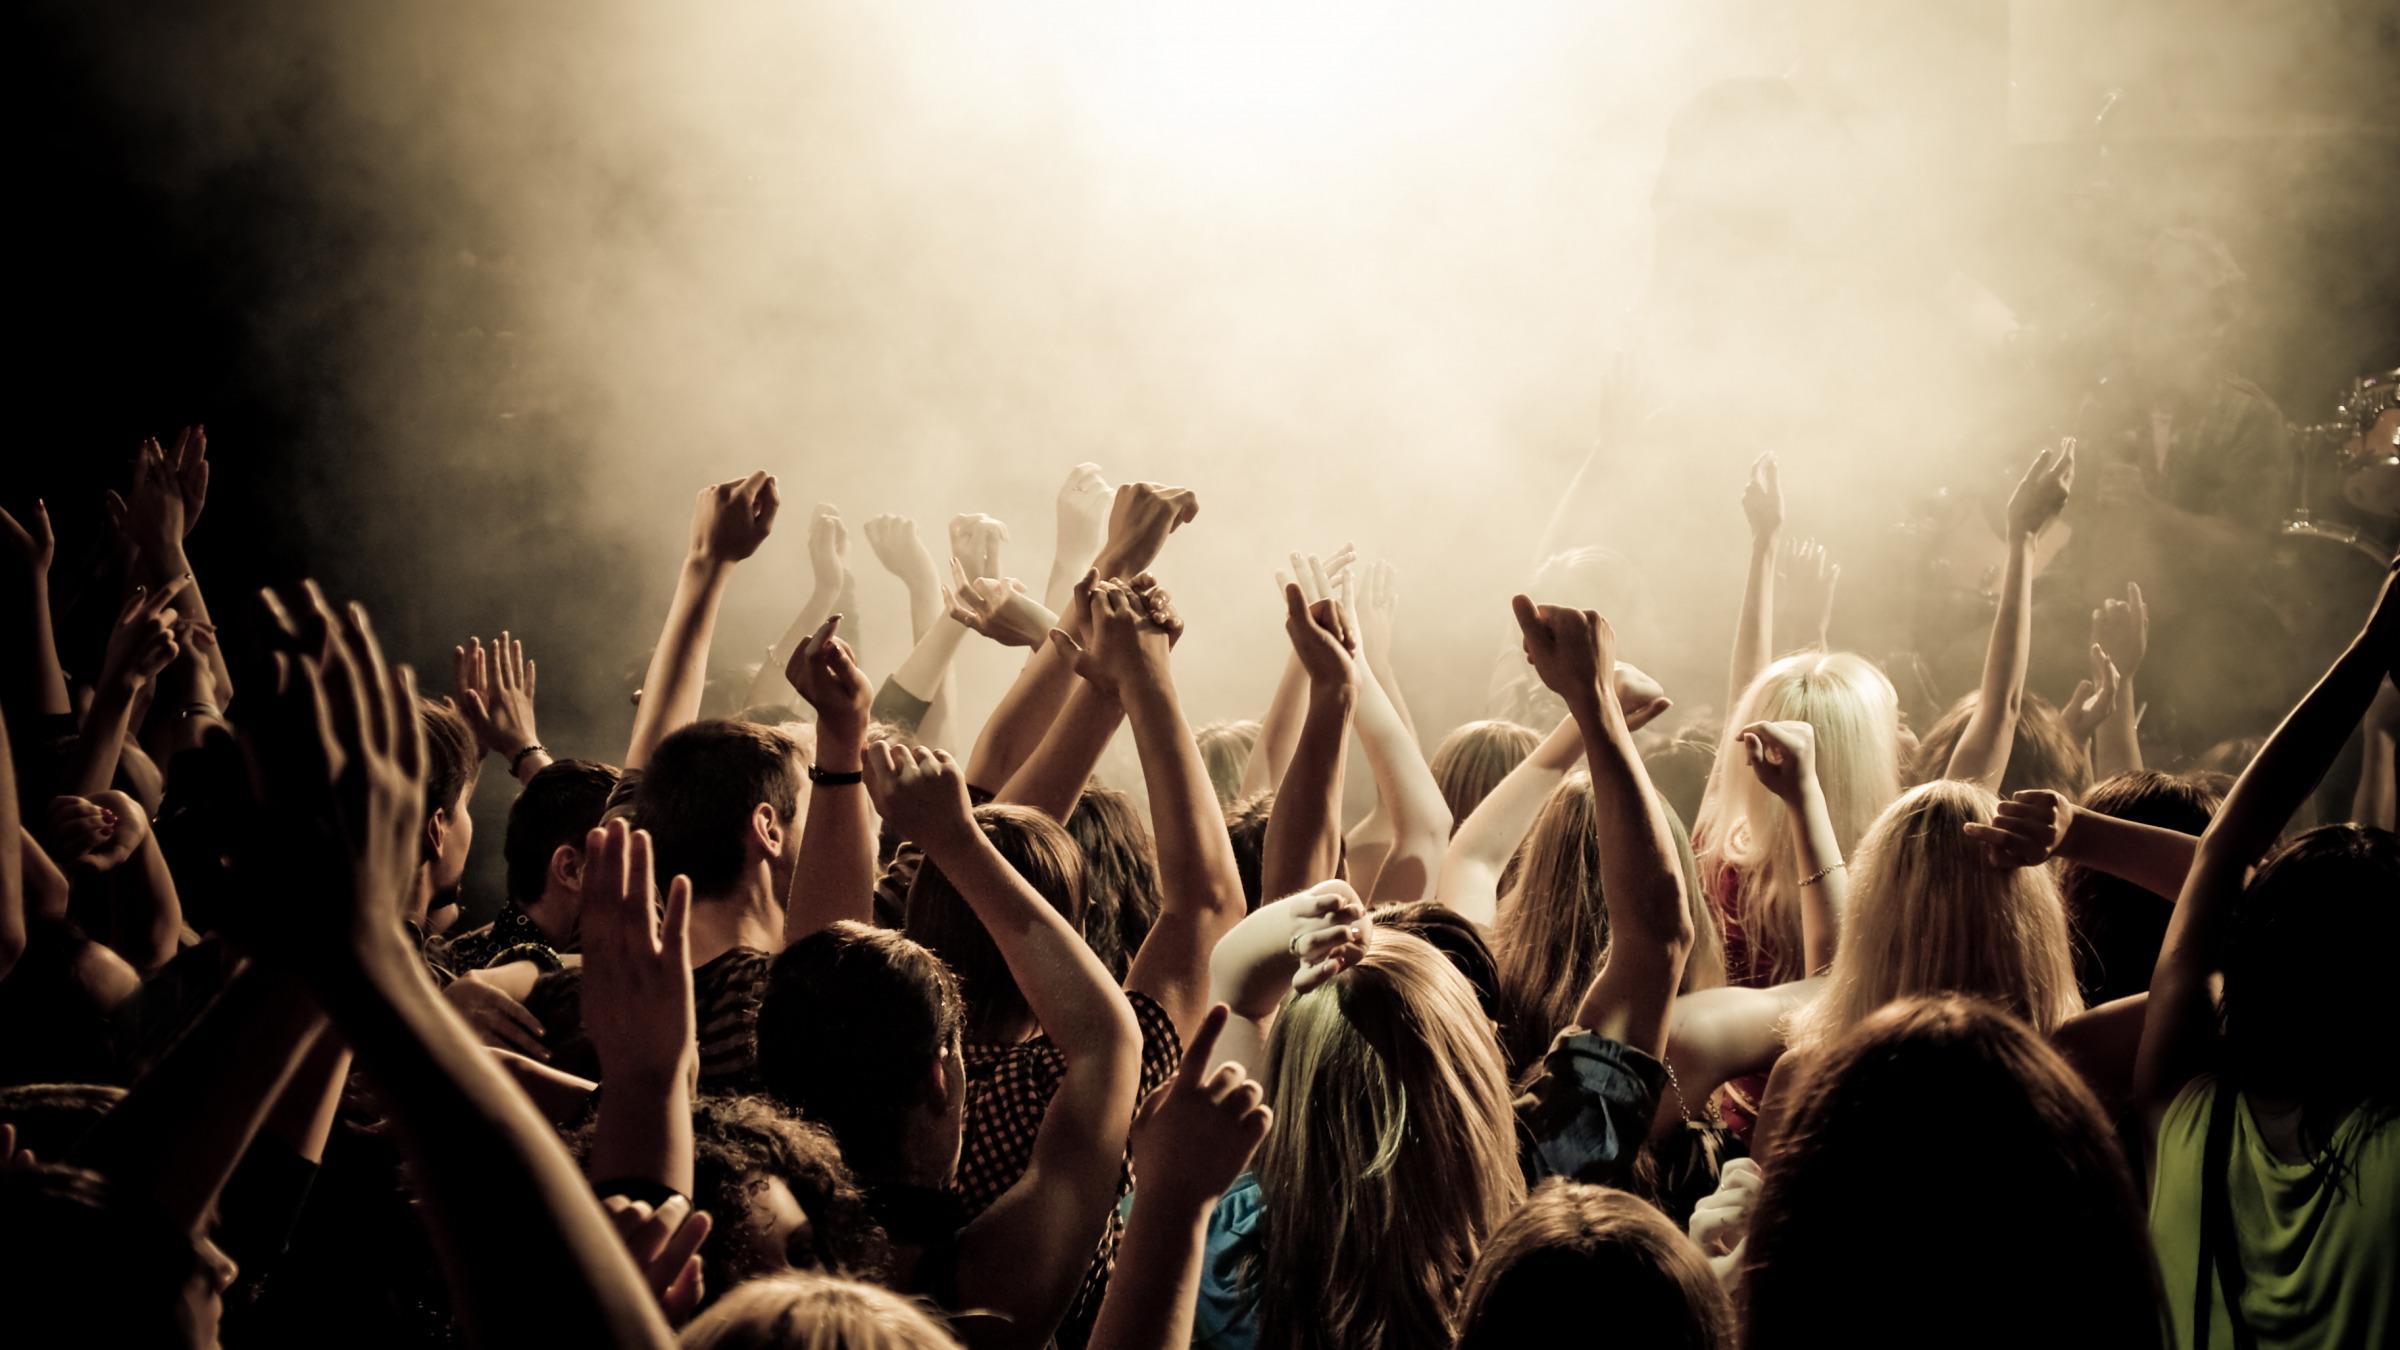 картинки на тему ночных клубов сегодняшнего